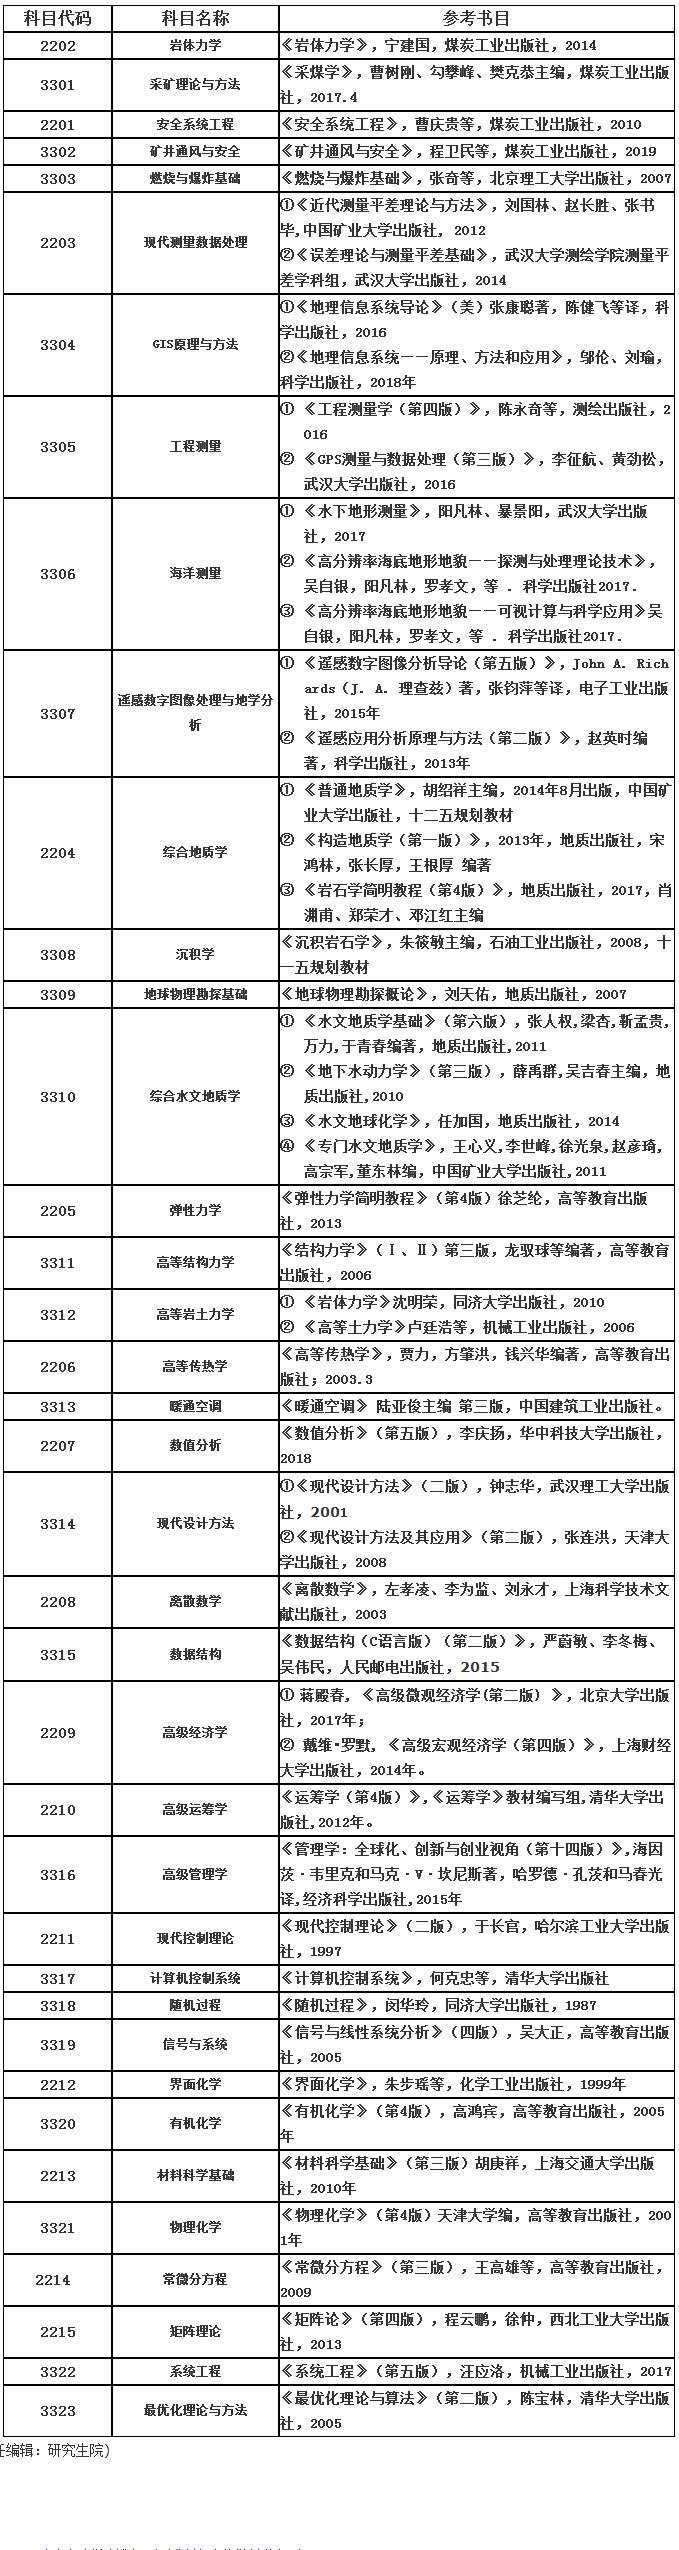 山东科技大学2020年博士研究生招生考博参考书目